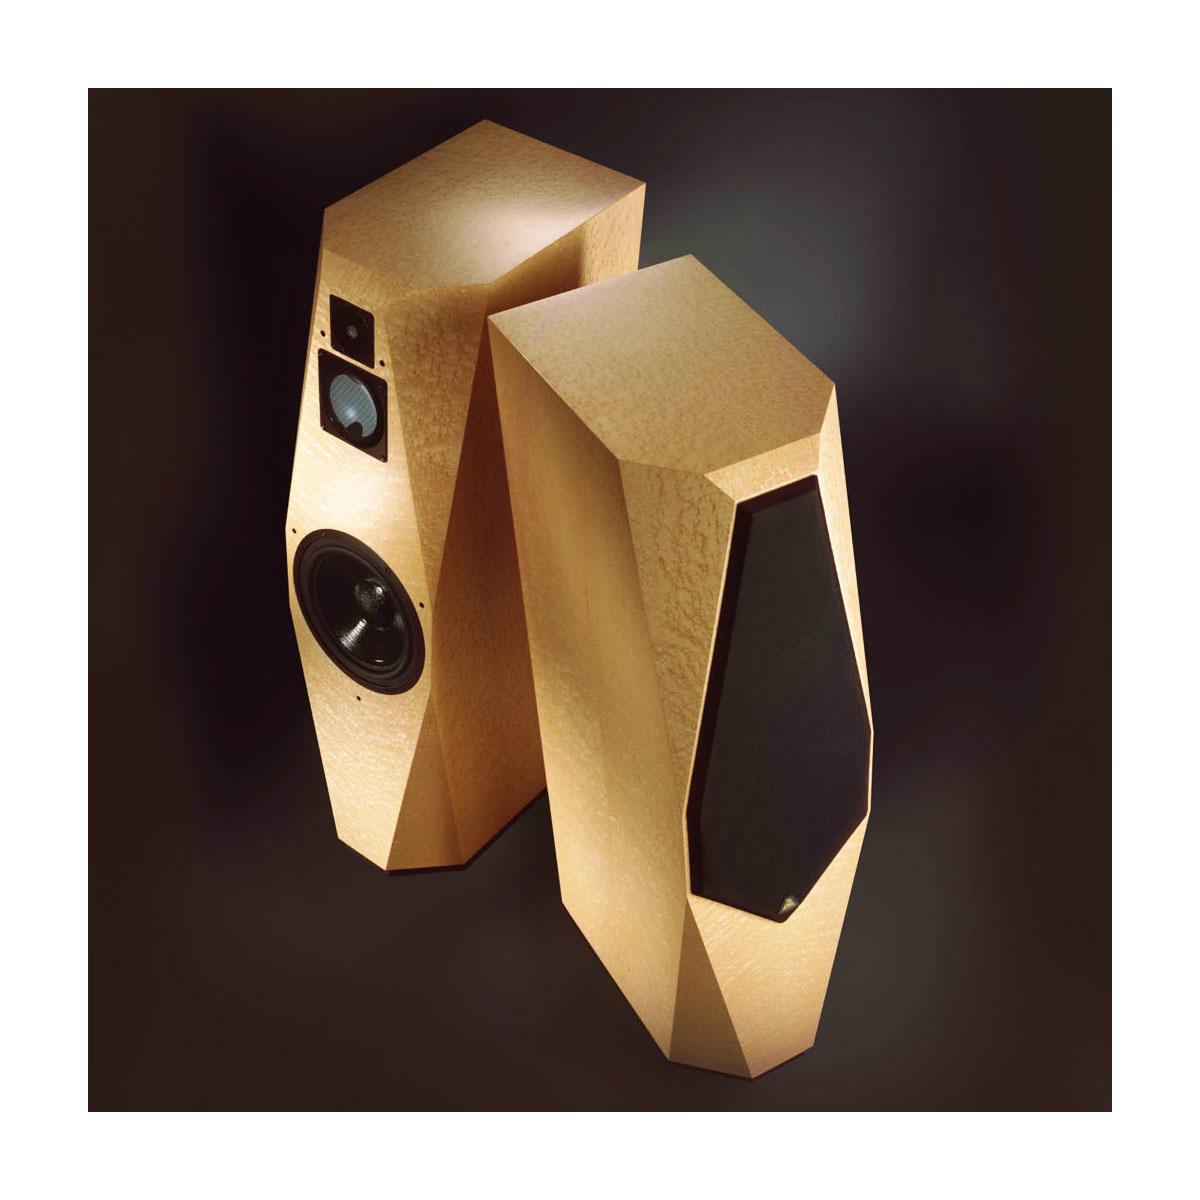 Avalon Acoustics Diamond Walnut 販売価格お問い合わせください。 アヴァロン スピーカーシステム